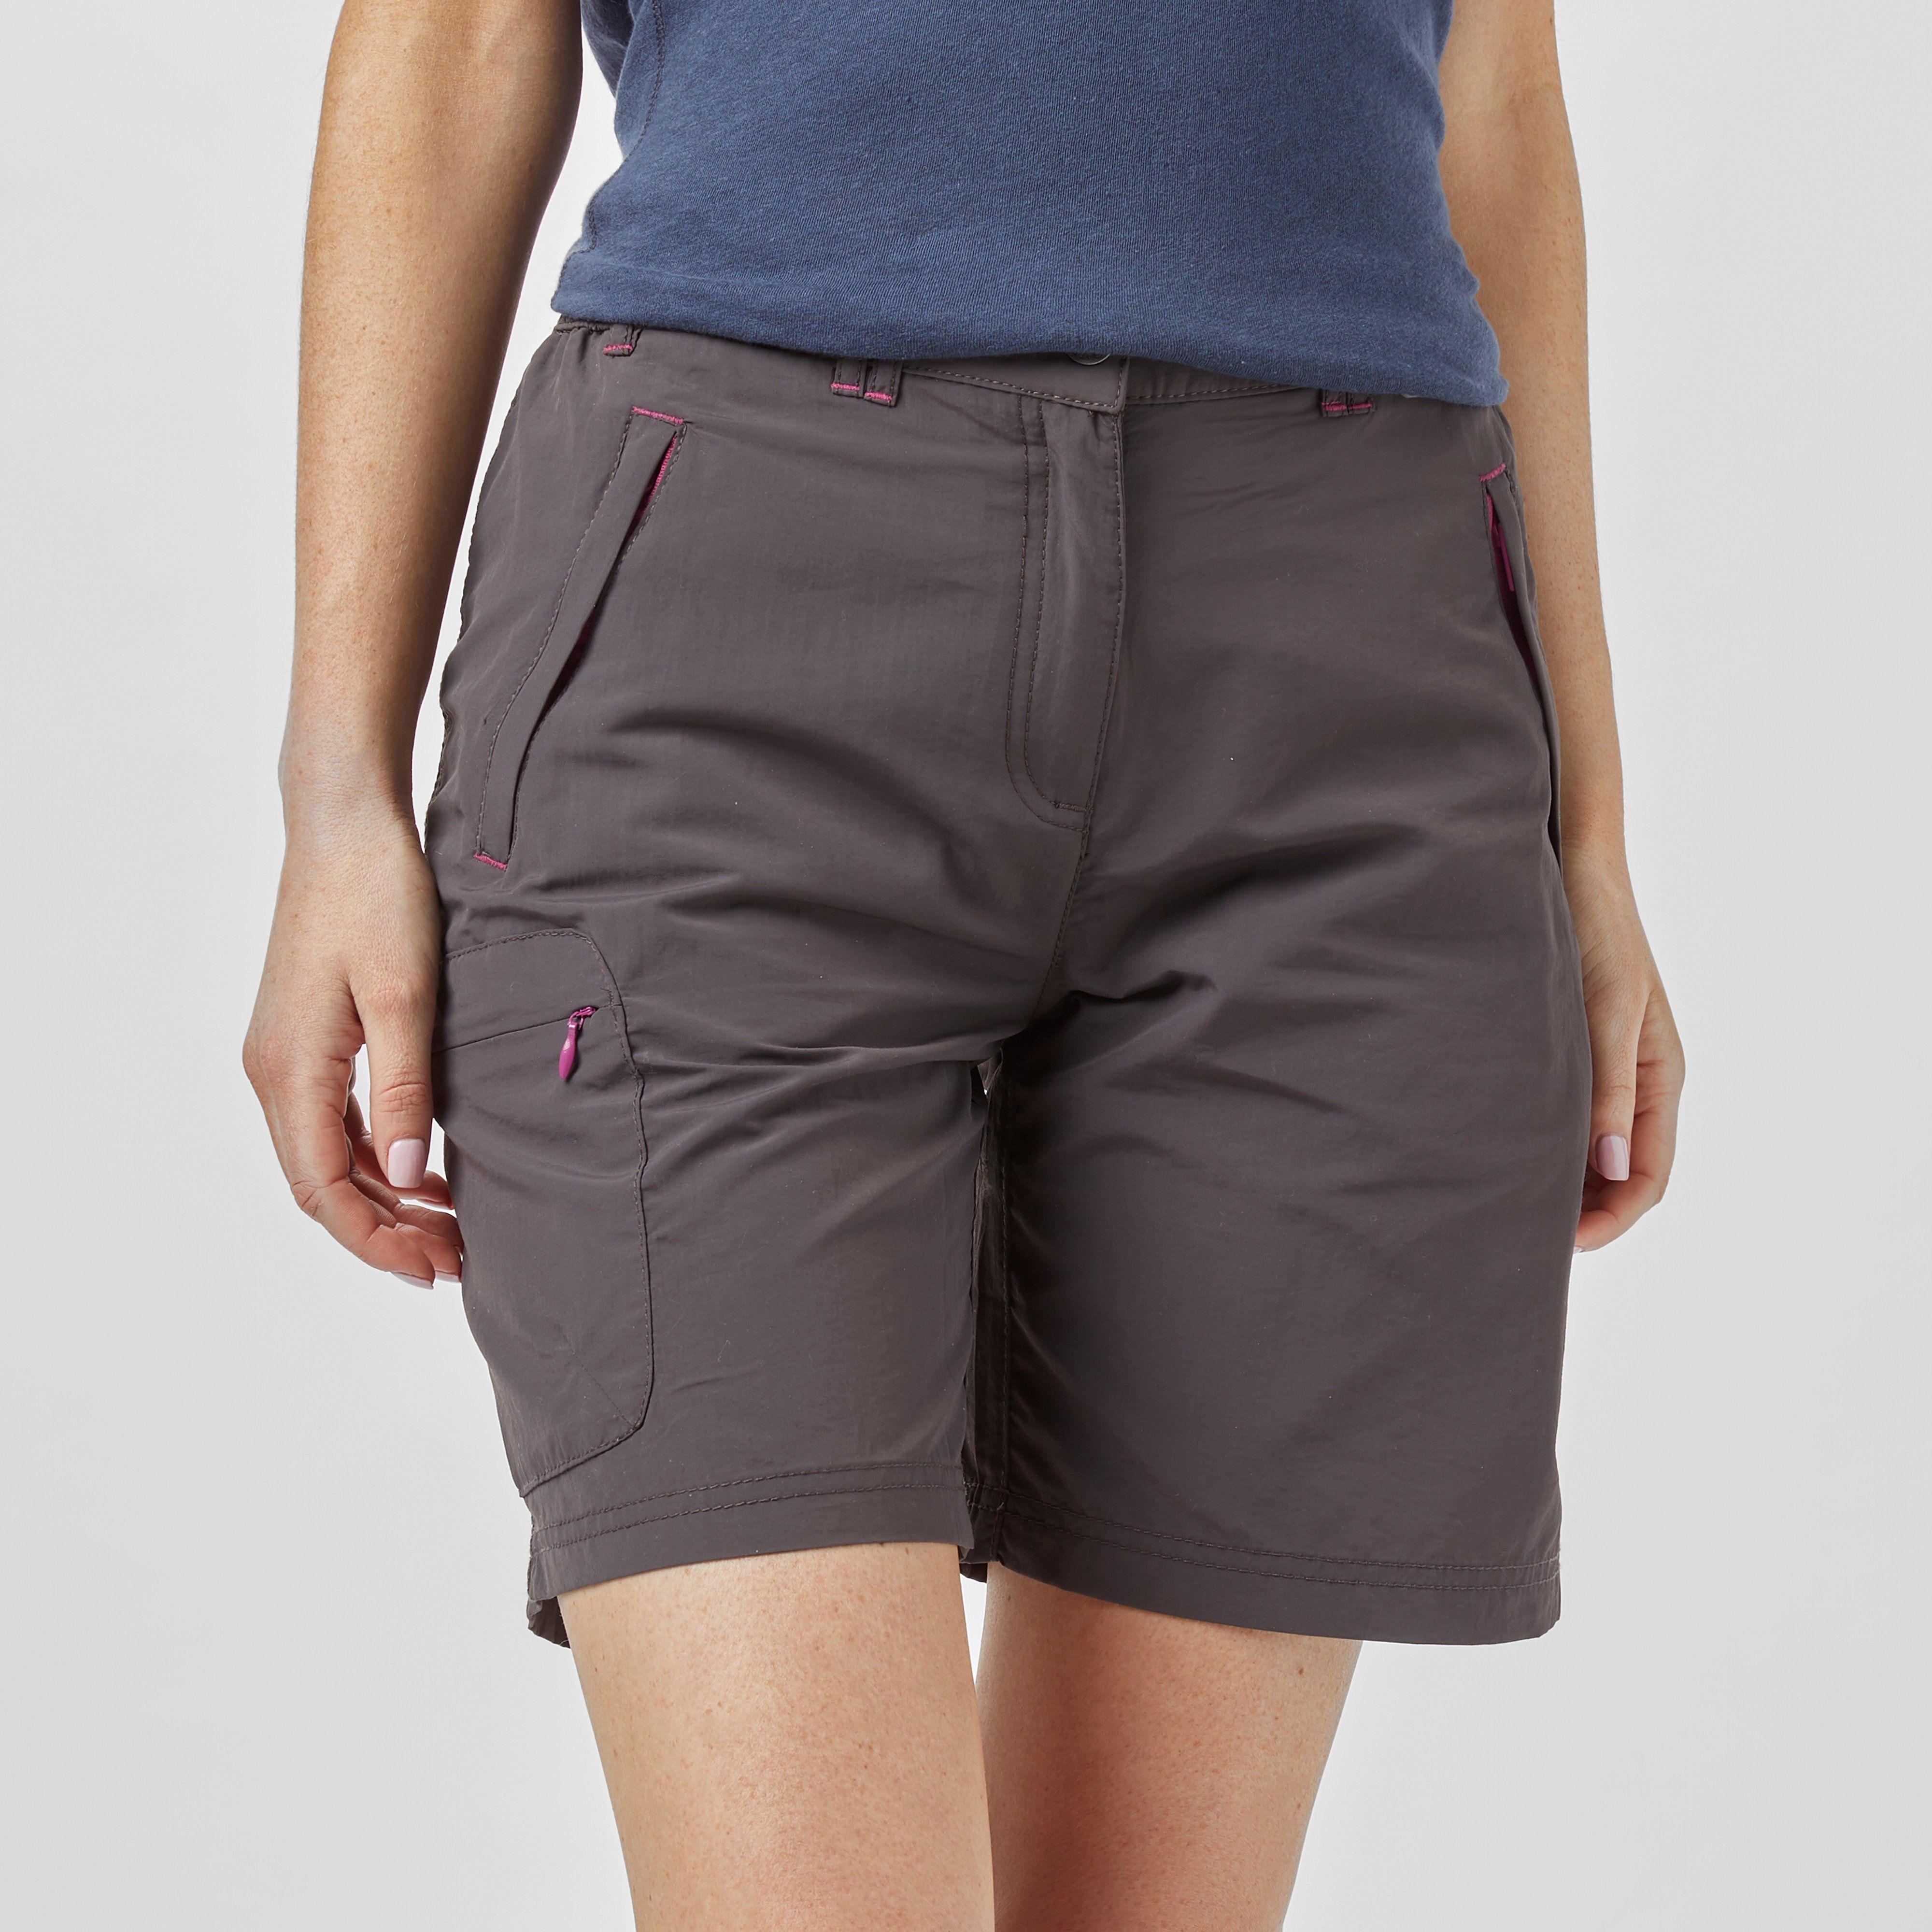 REGATTA Women's Chaska Shorts